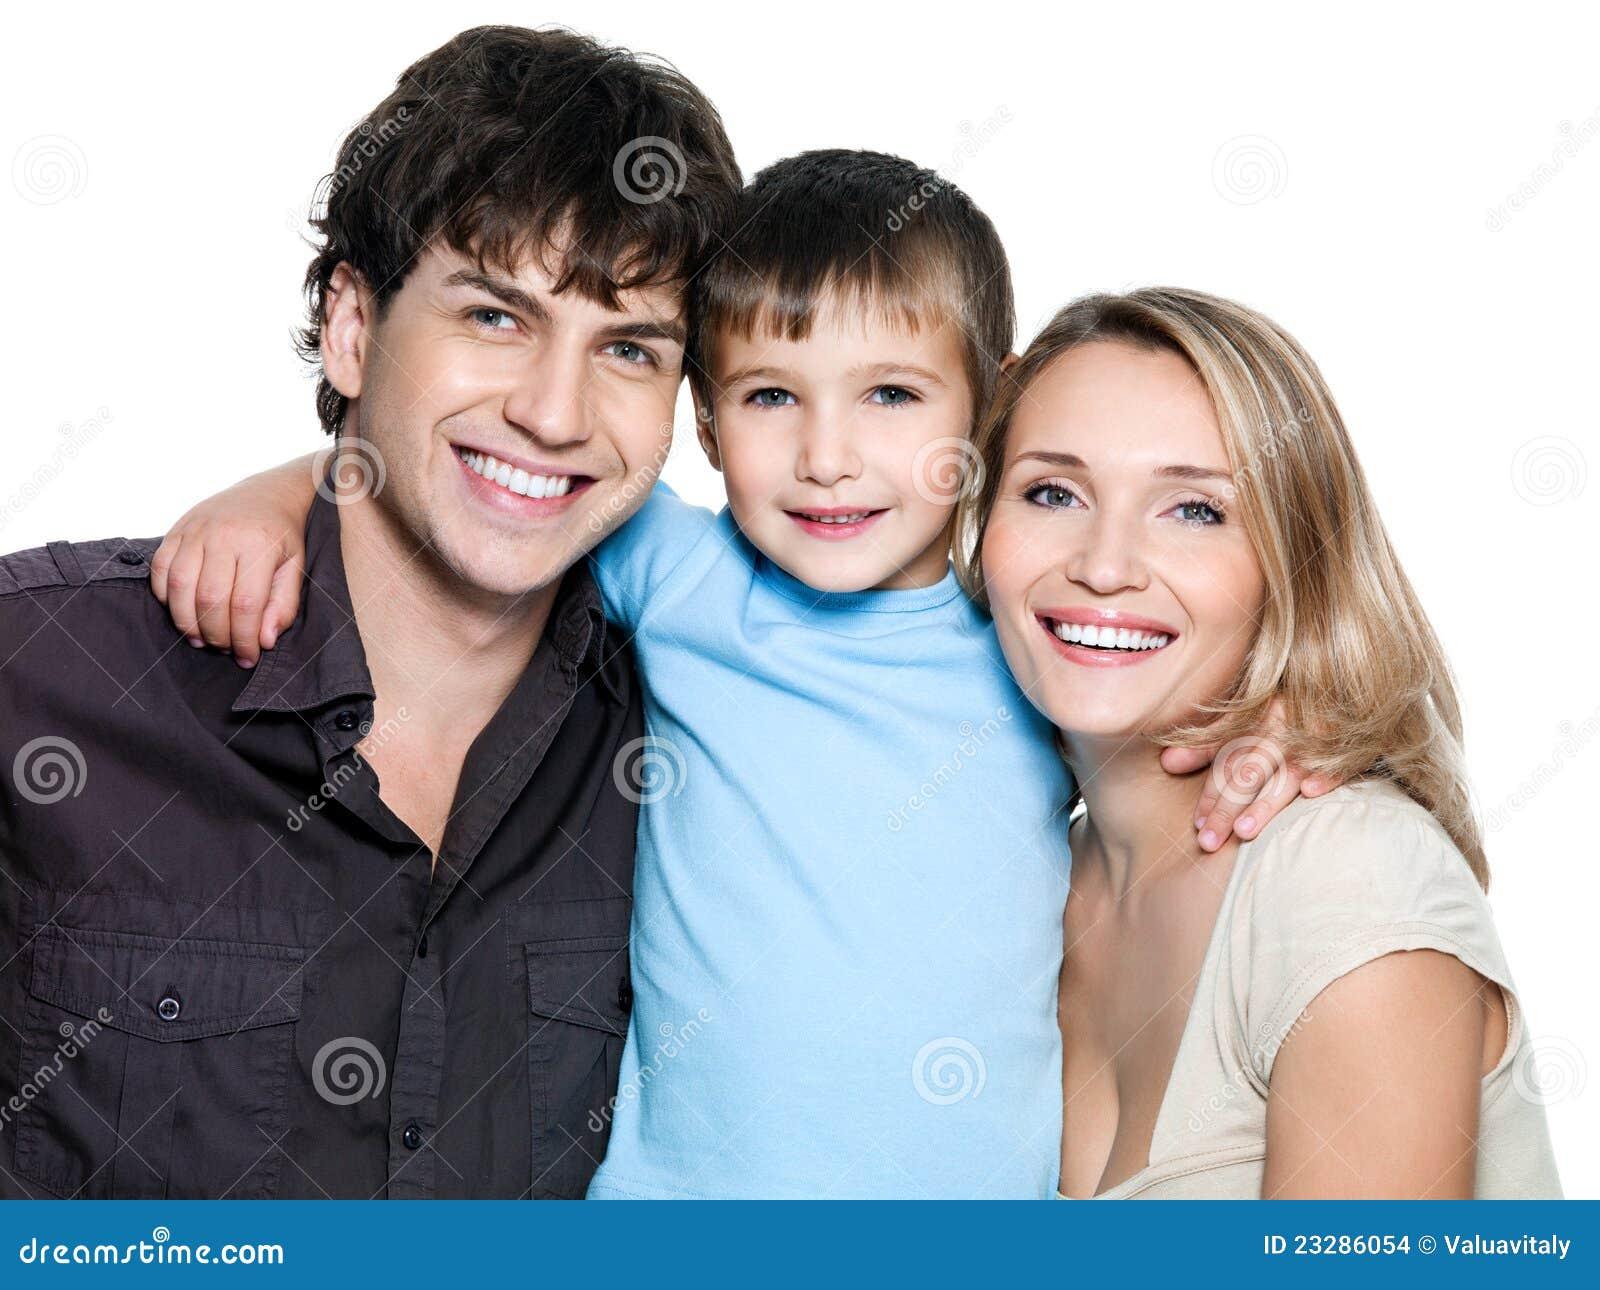 Сын с папа маму 16 фотография